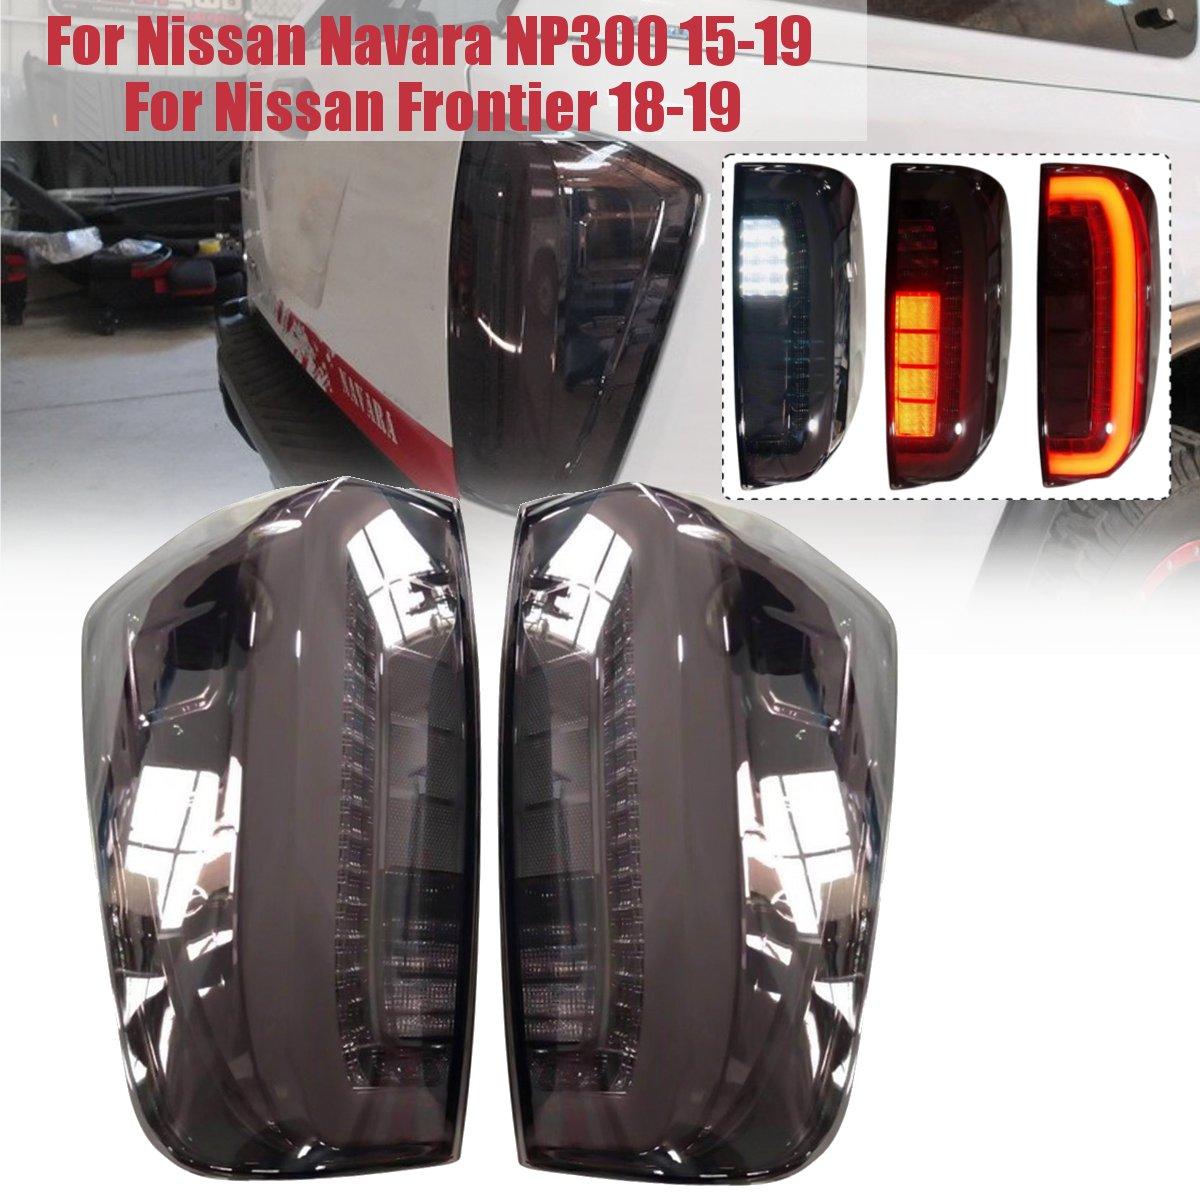 LED clignotant AUTO extérieur LED PARKING arrière feux de jour arrière feux arrière adaptés pour NISSAN NAVARA NP300 2015-2018 pick-up